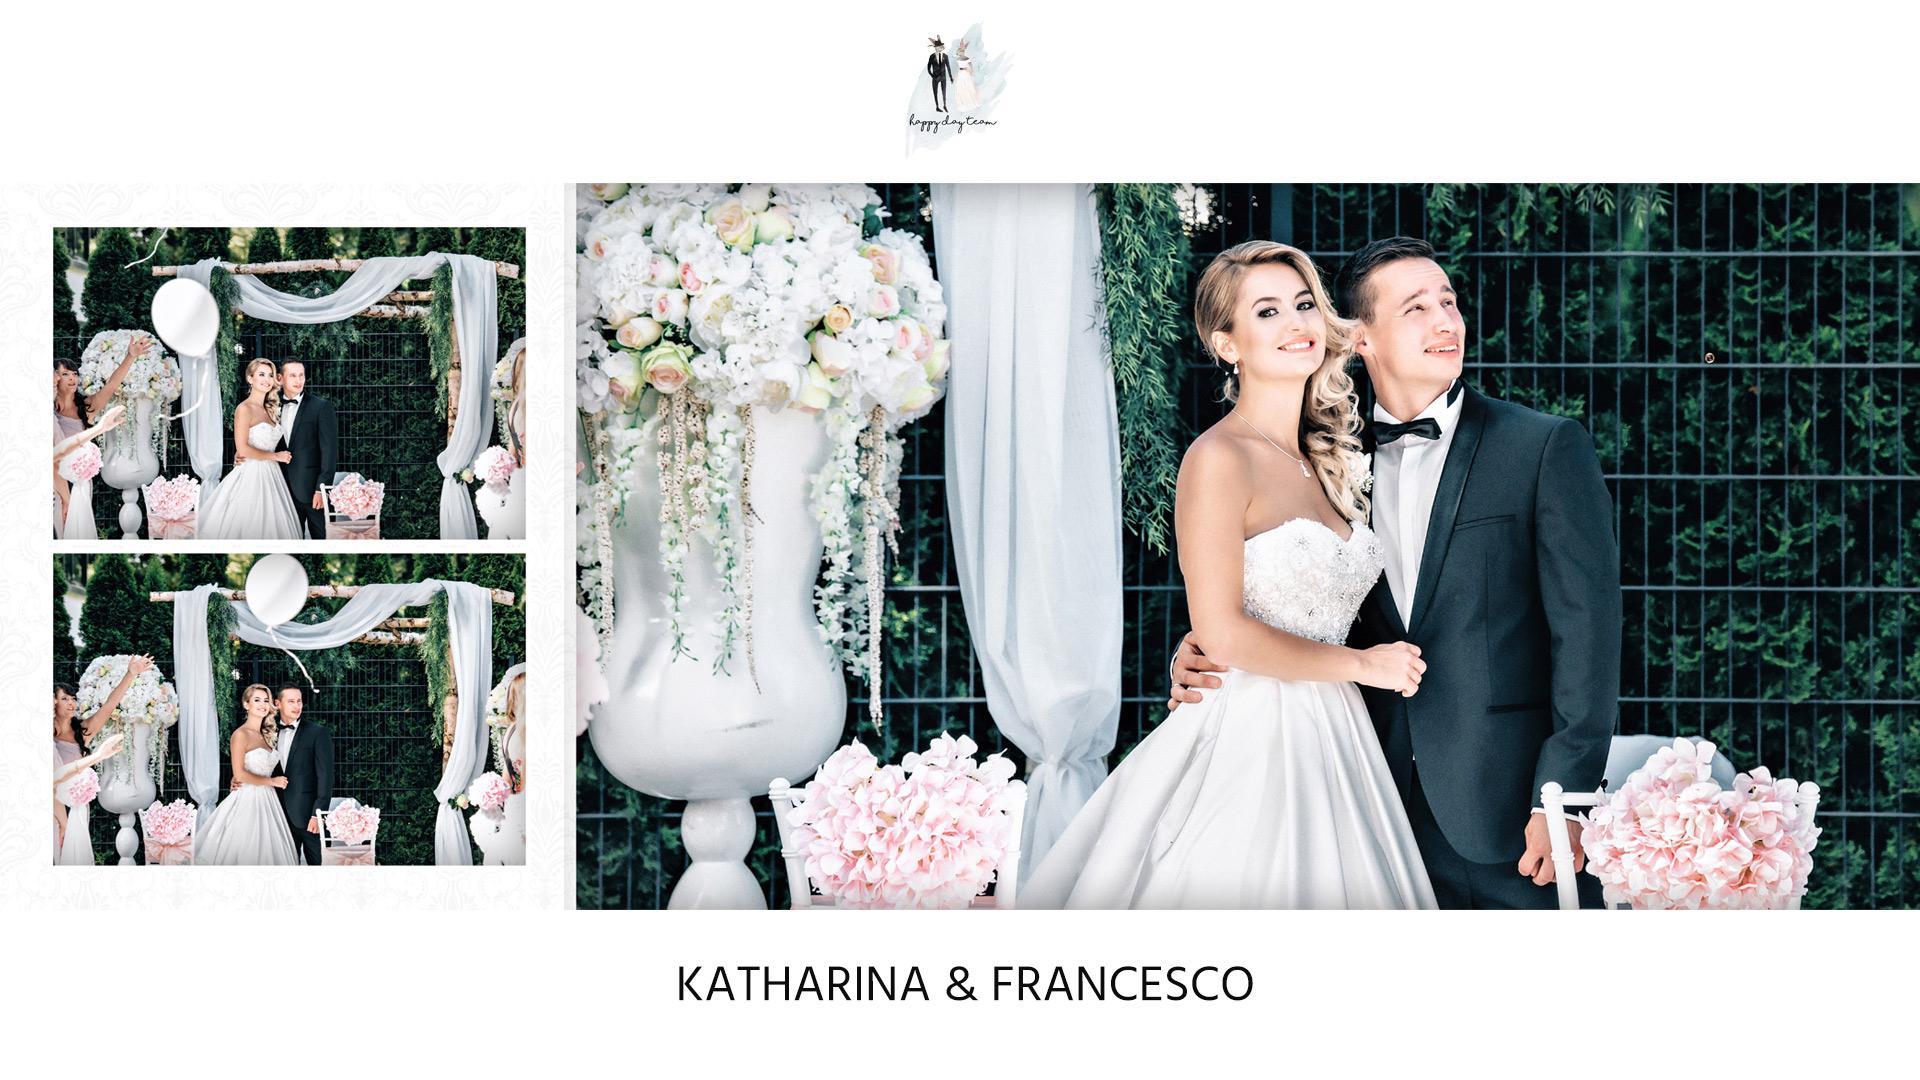 Schone Hochzeit Von Katharina Francesco In Schlosshotel